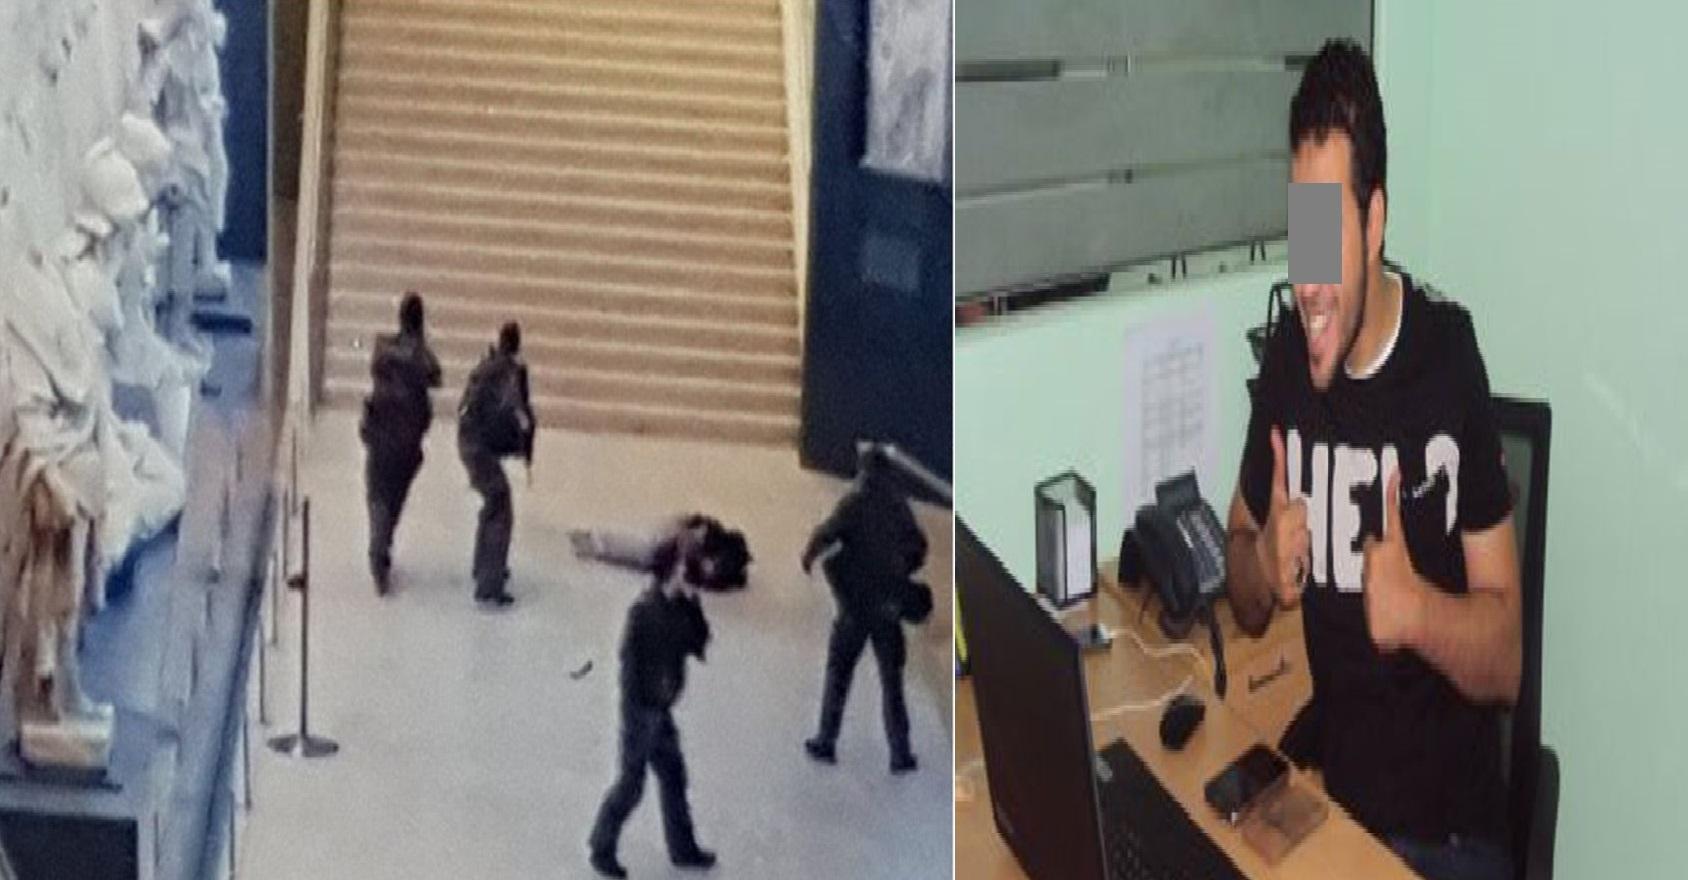 إلى اليمين المشتبه به عبد الله الحماحمي، وإلى اليسار صورة وزعتها الشرطة الفرنسية للحظة الهجوم